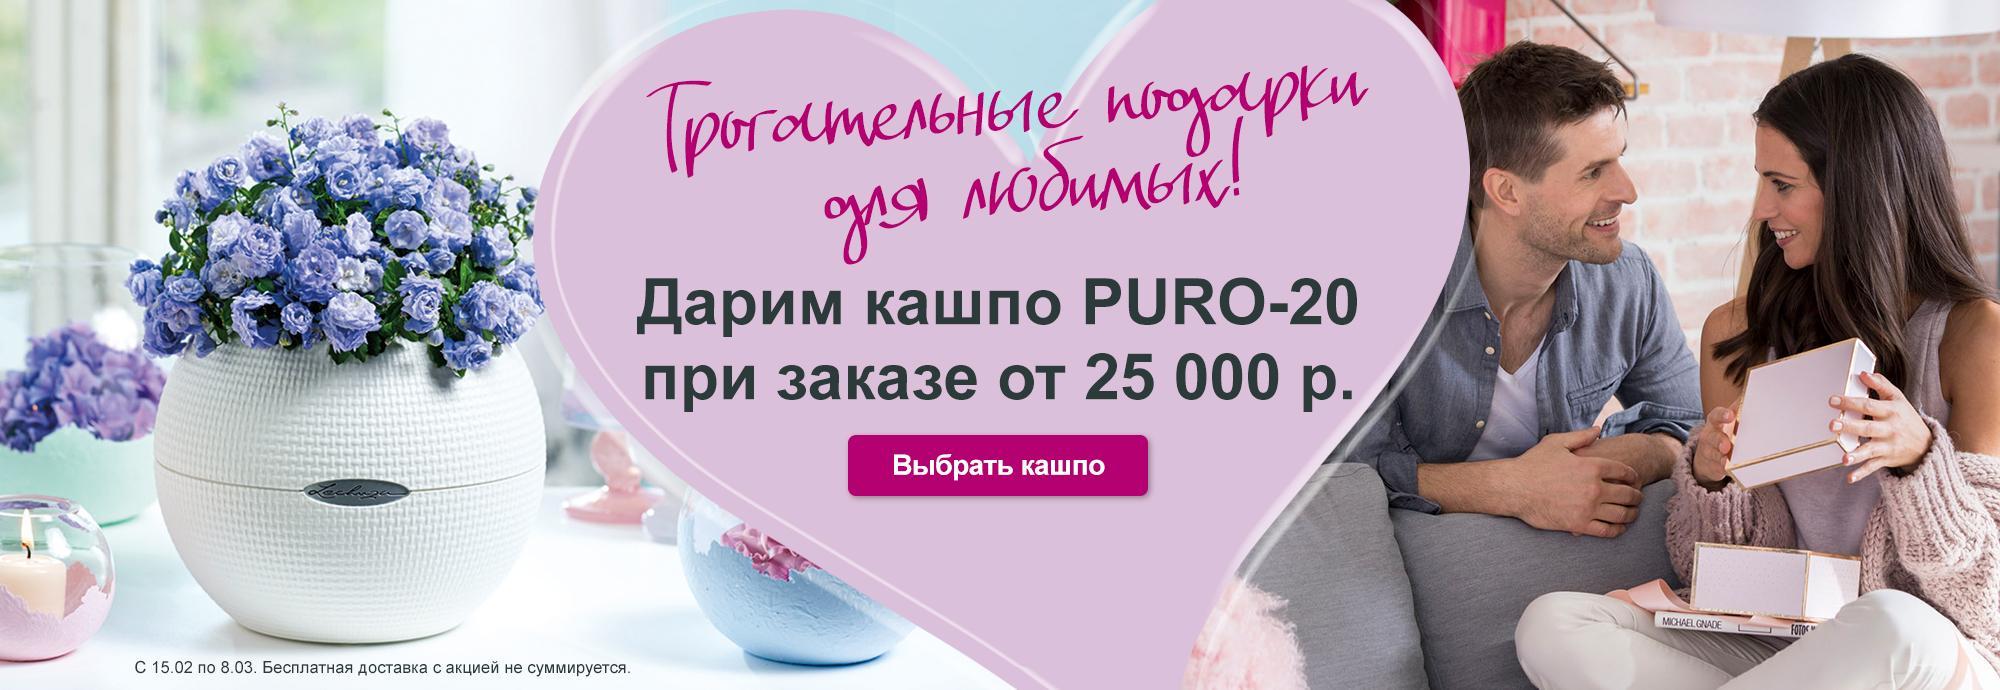 hero_banner_promo_puro20_2019_ru